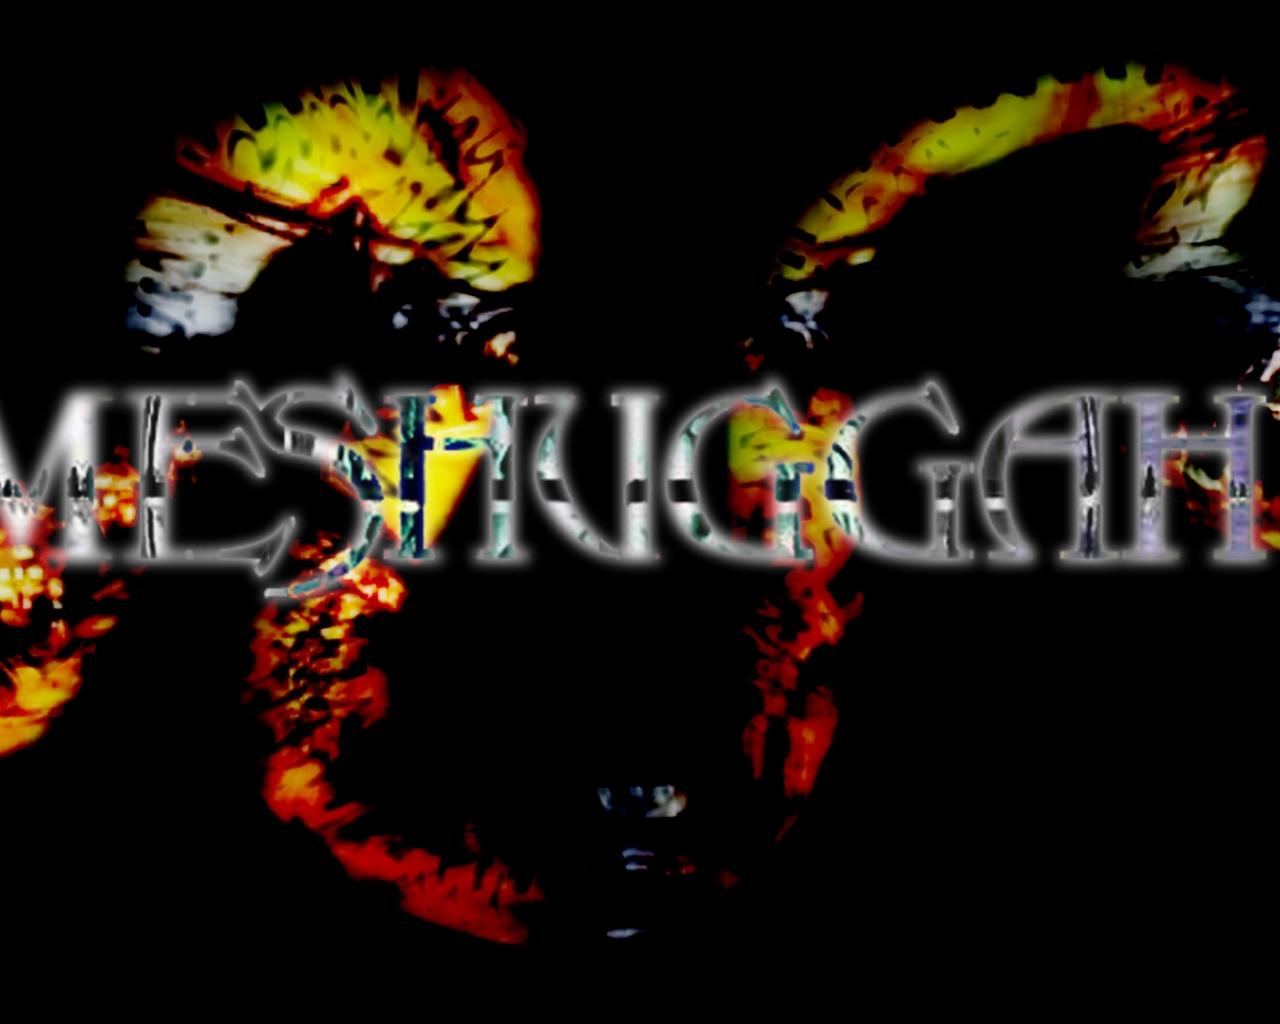 Meshuggah Wallpaper Hd Meshuggah 1773284 Hd Wallpaper